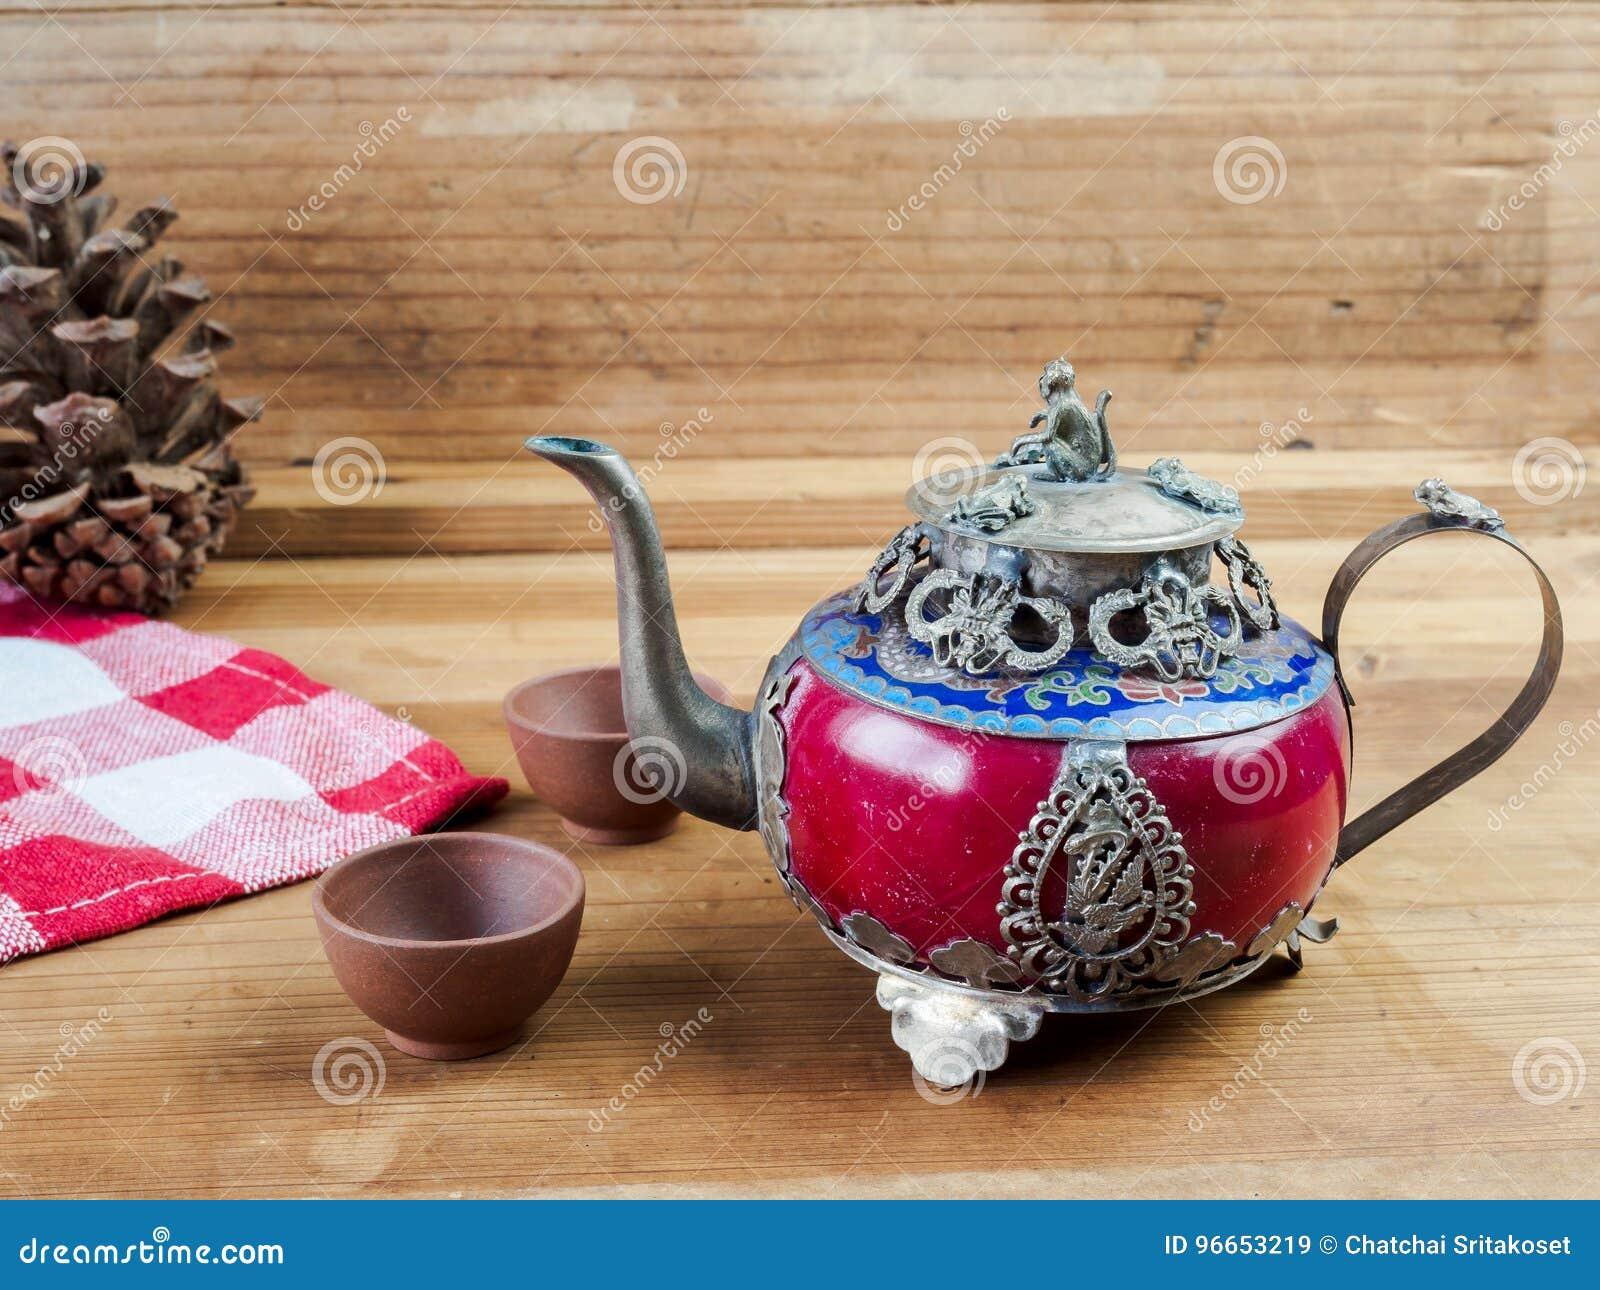 Εκλεκτής ποιότητας κινεζικό teapot φιαγμένο από παλαιούς νεφρίτη και ασήμι του Θιβέτ με το MO